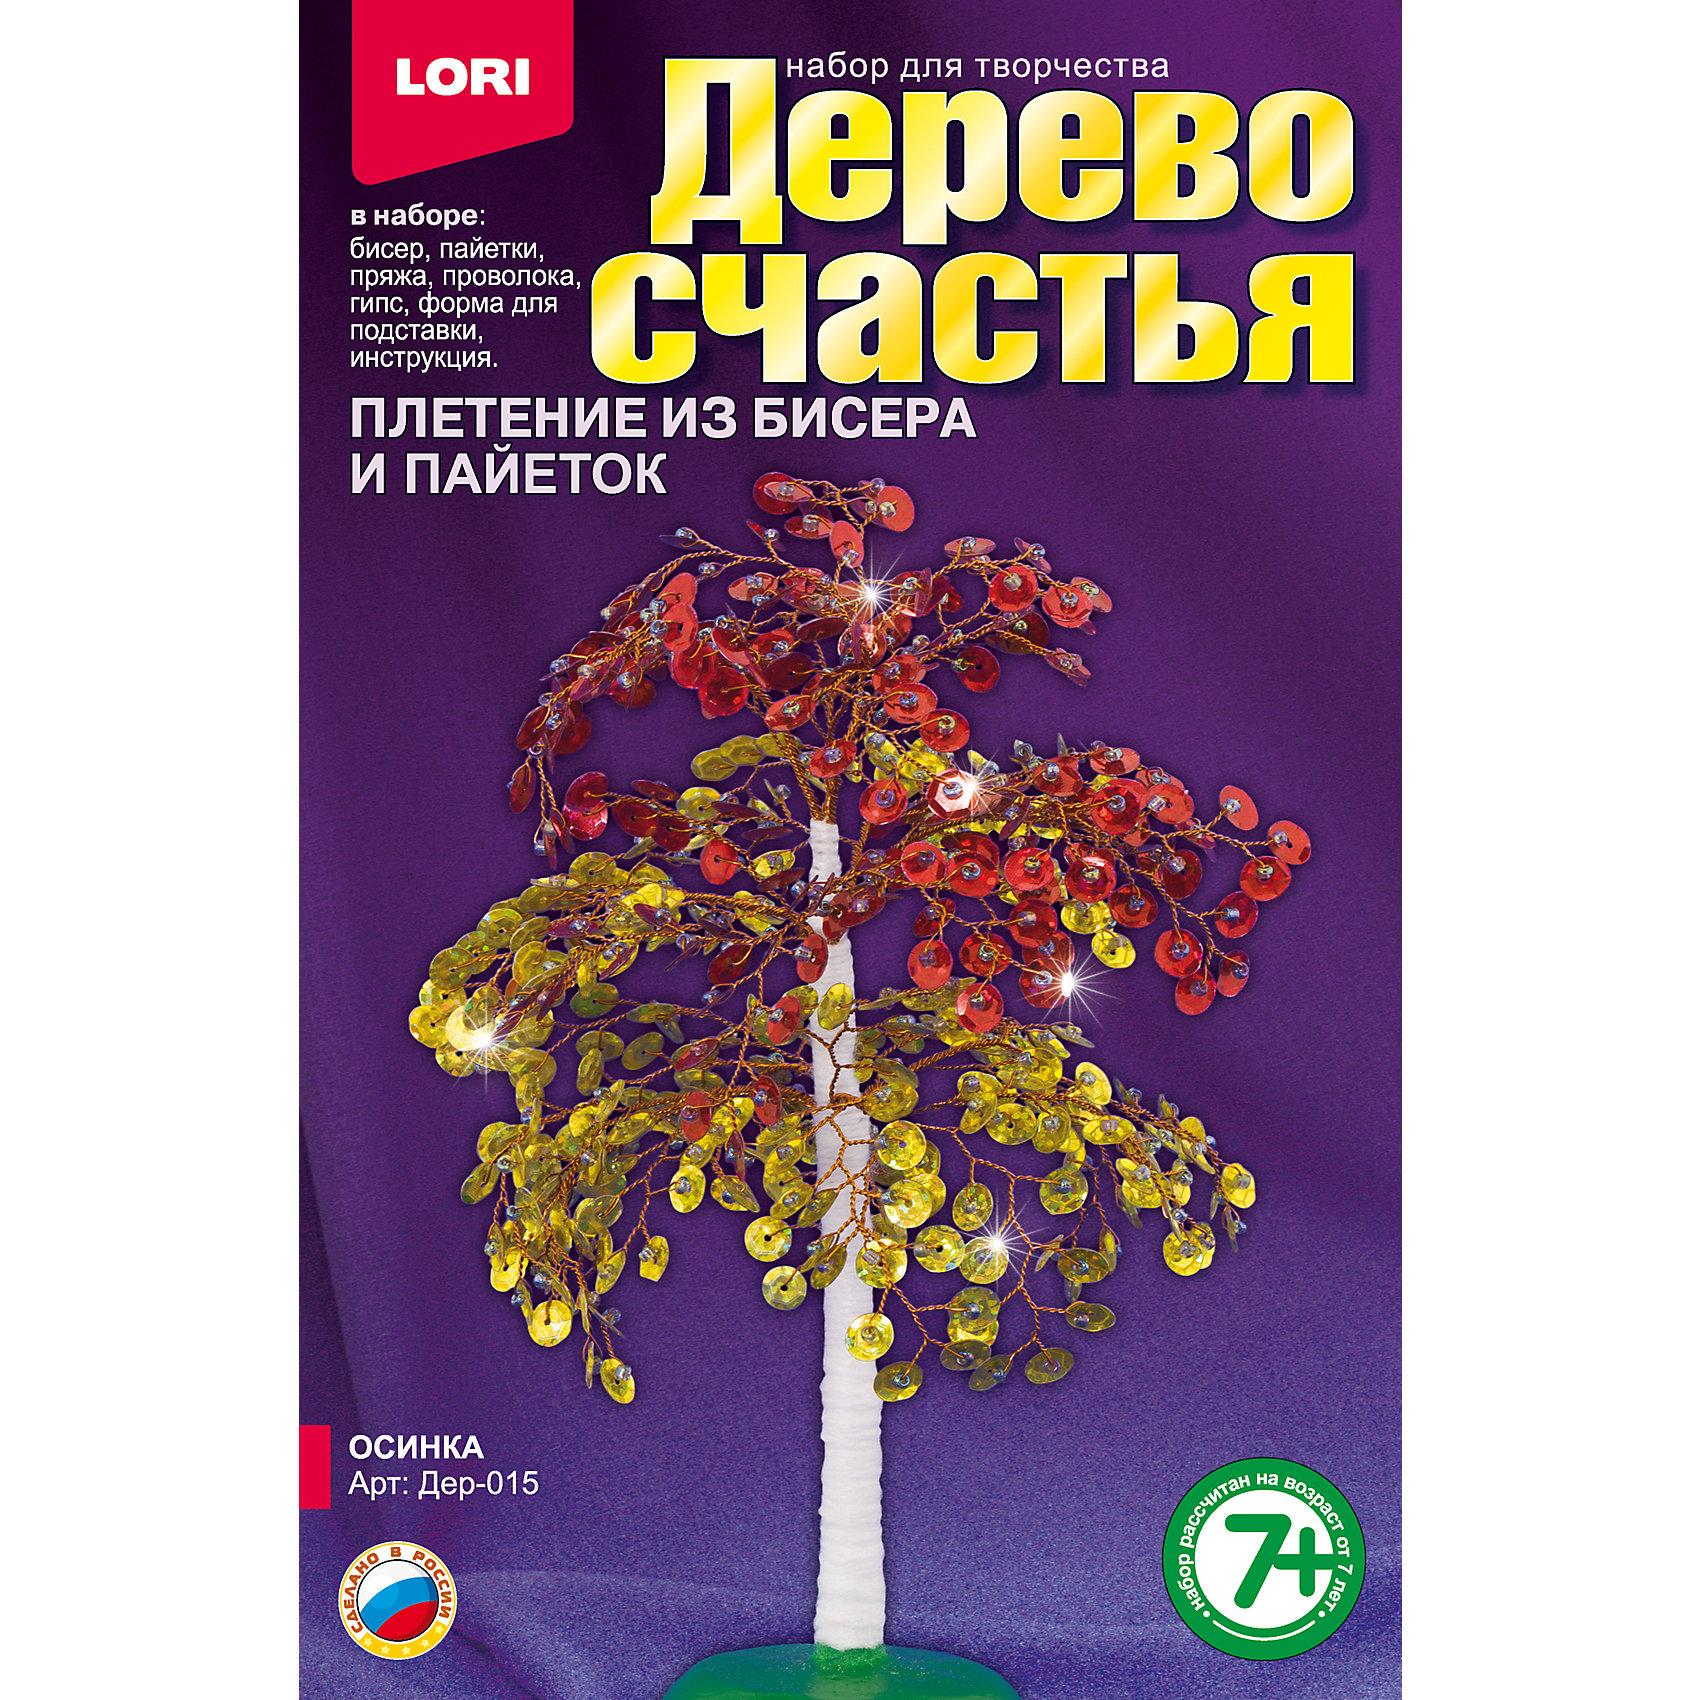 LORI Дерево счастья Осинка lori фоторамки из гипса на клумбе